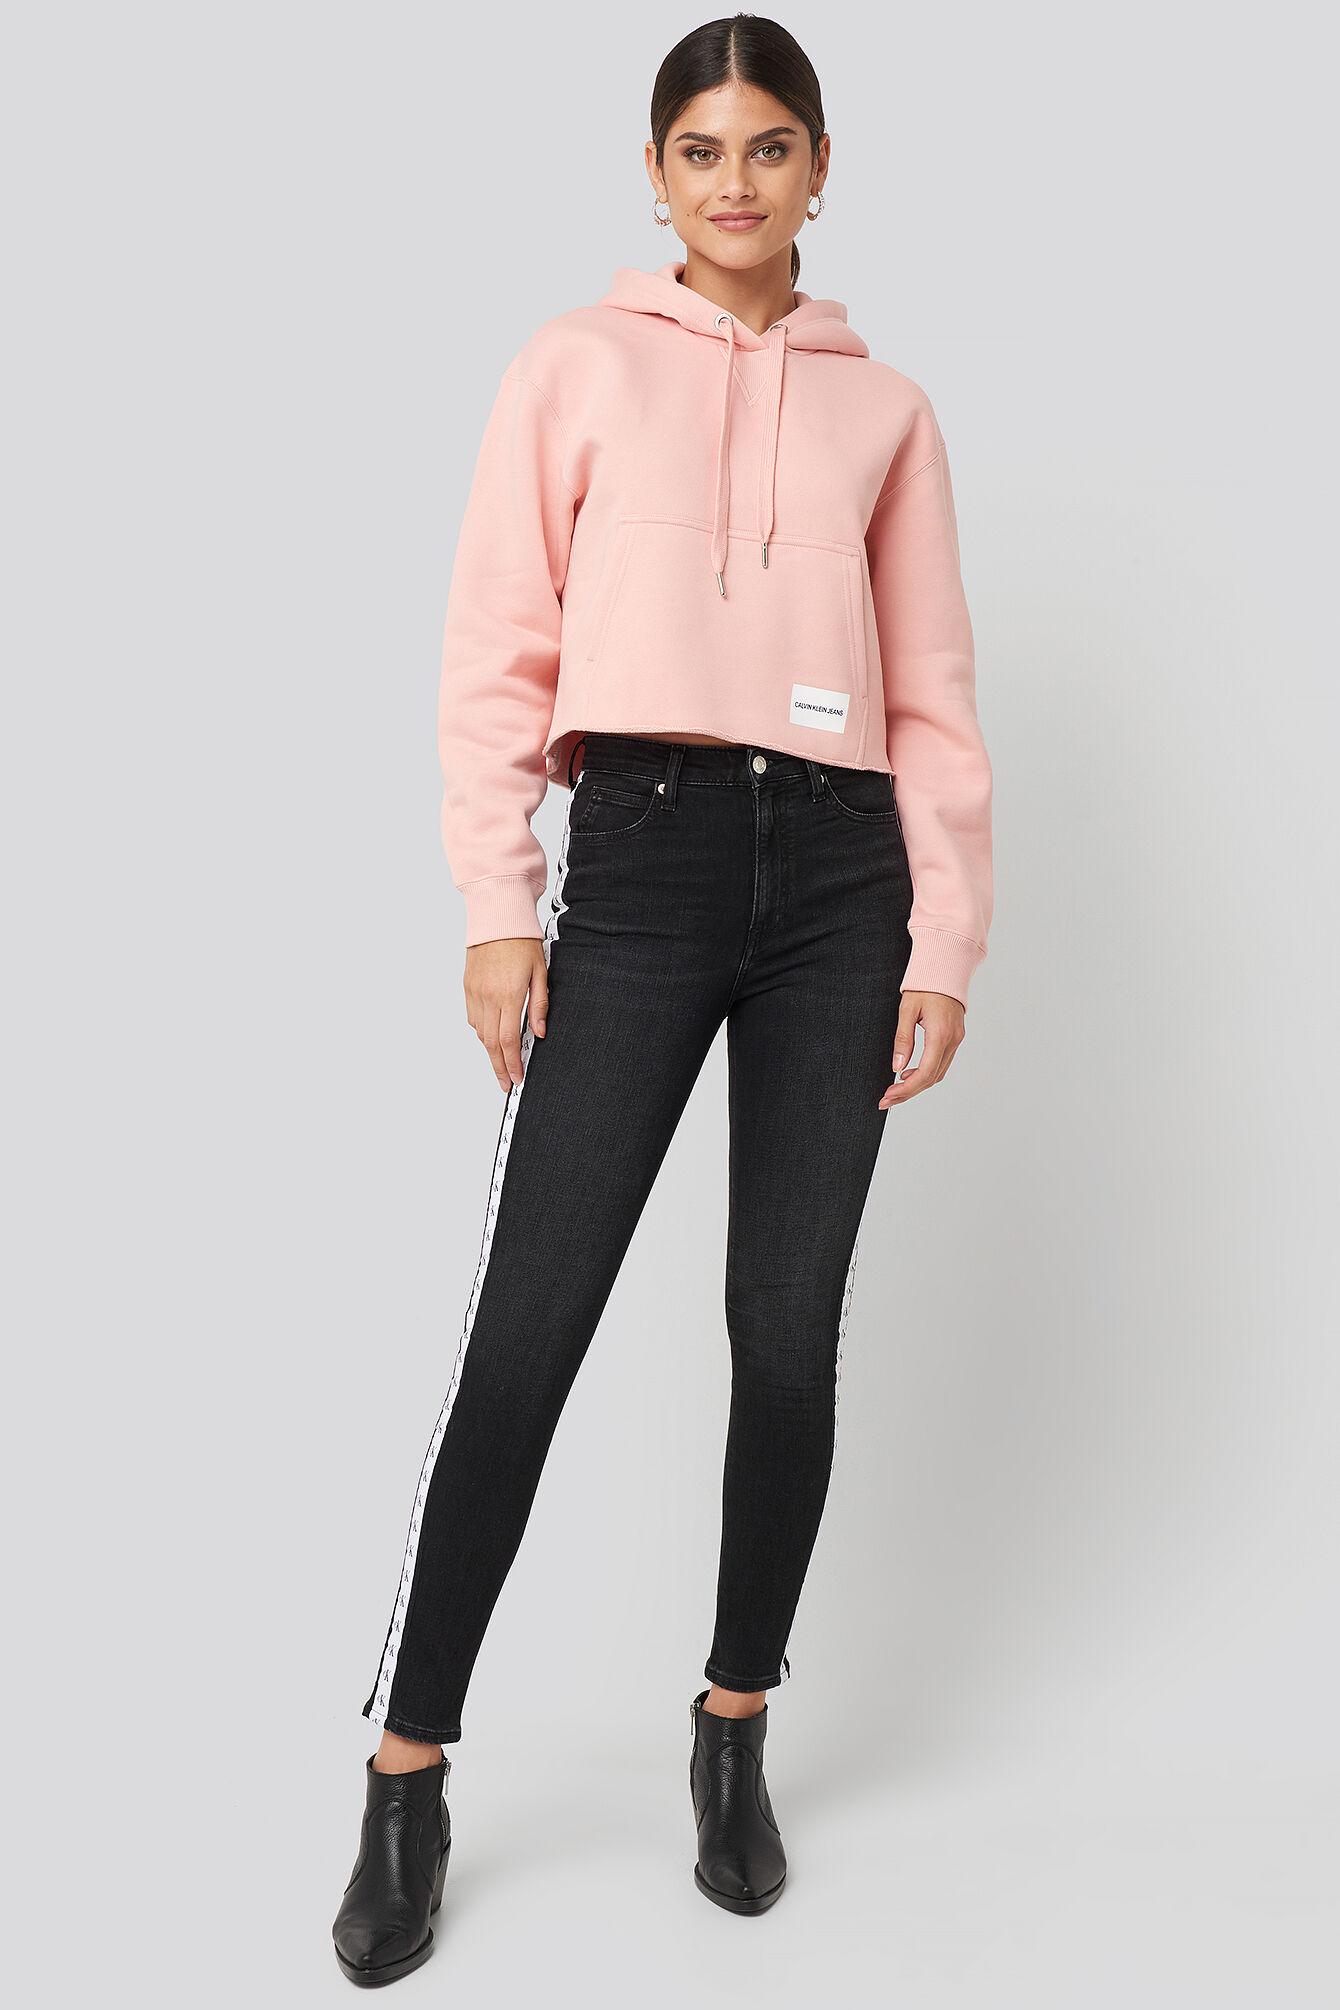 Calvin Klein High Rise Skinny Ankle Denim Jeans - Black  - Size: W24,W25,W26,W27,W28,W29,W30